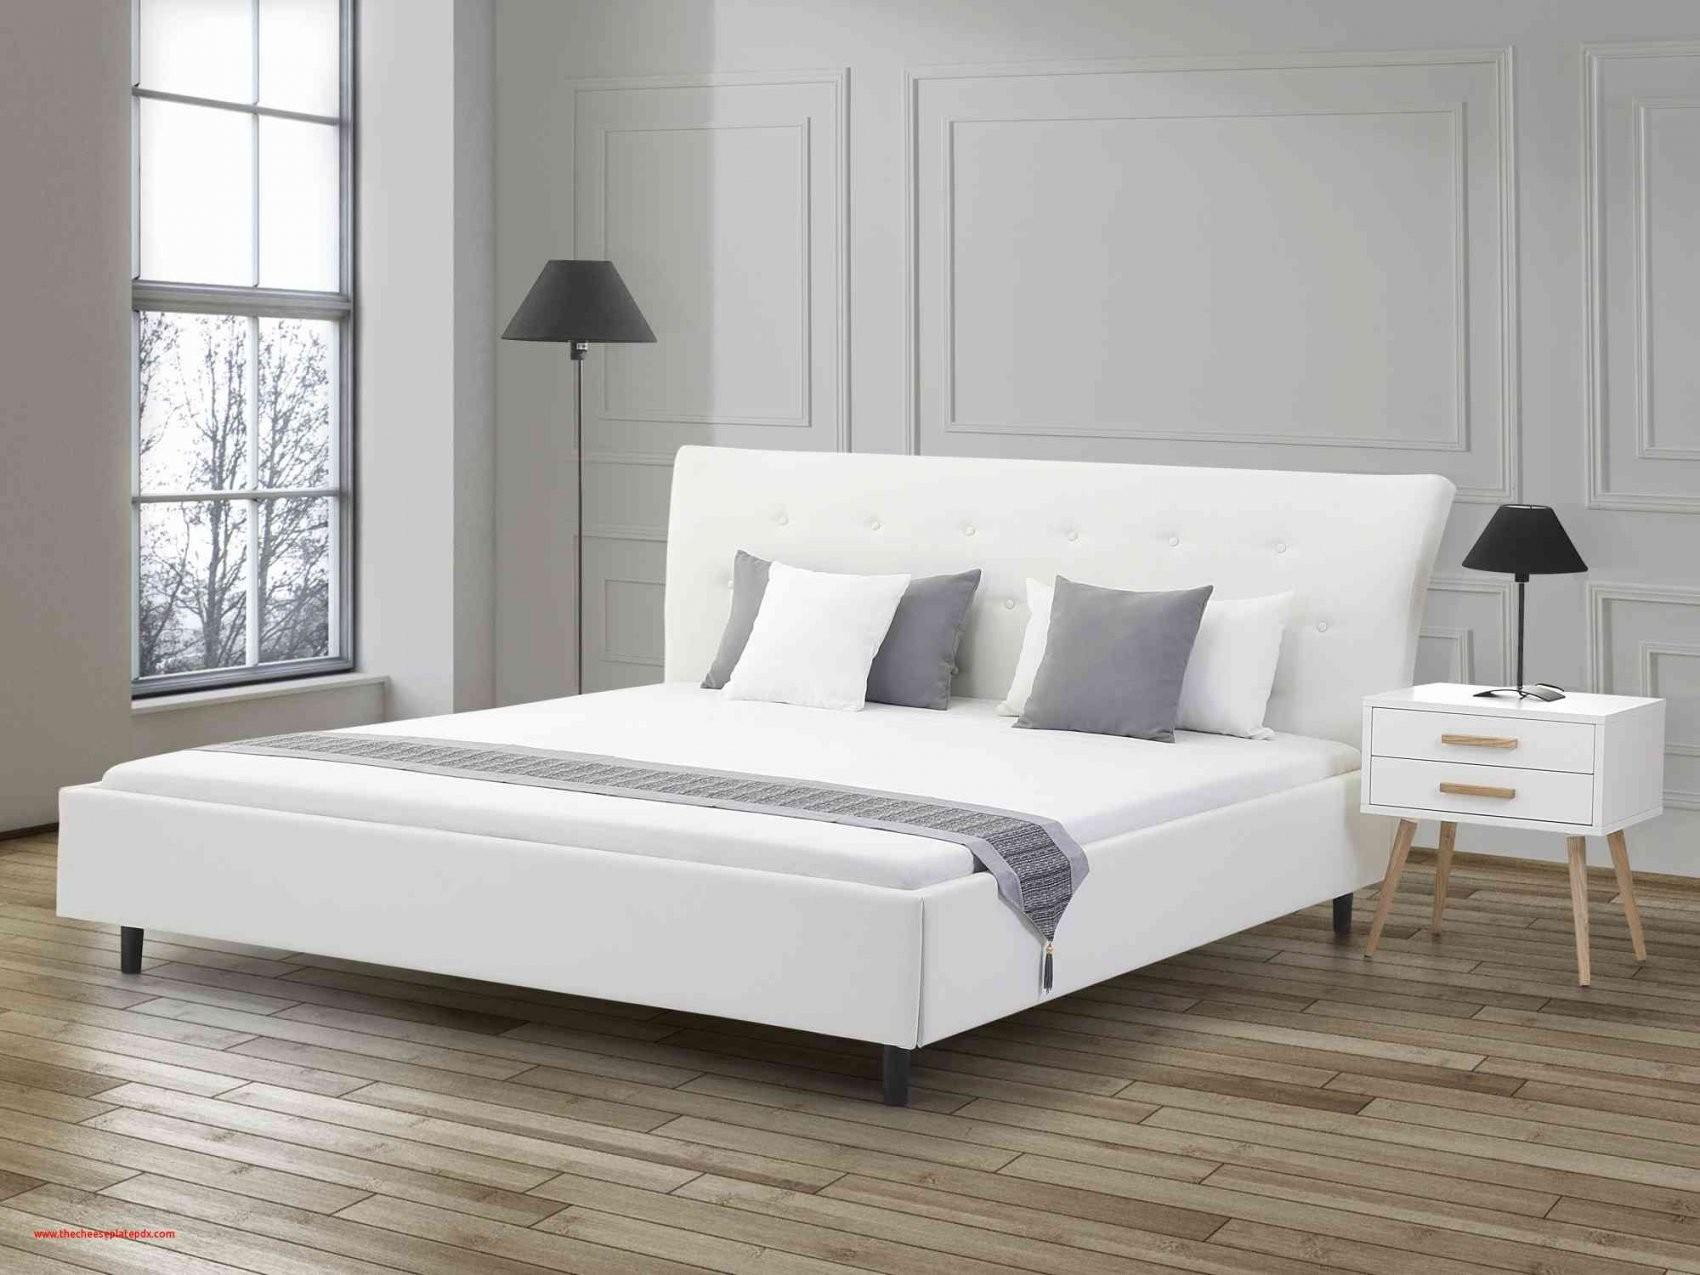 Should Bett Mit Matratze Und Lattenrost 180X200 Select von Bett Mit Matratze Und Lattenrost 180X200 Bild